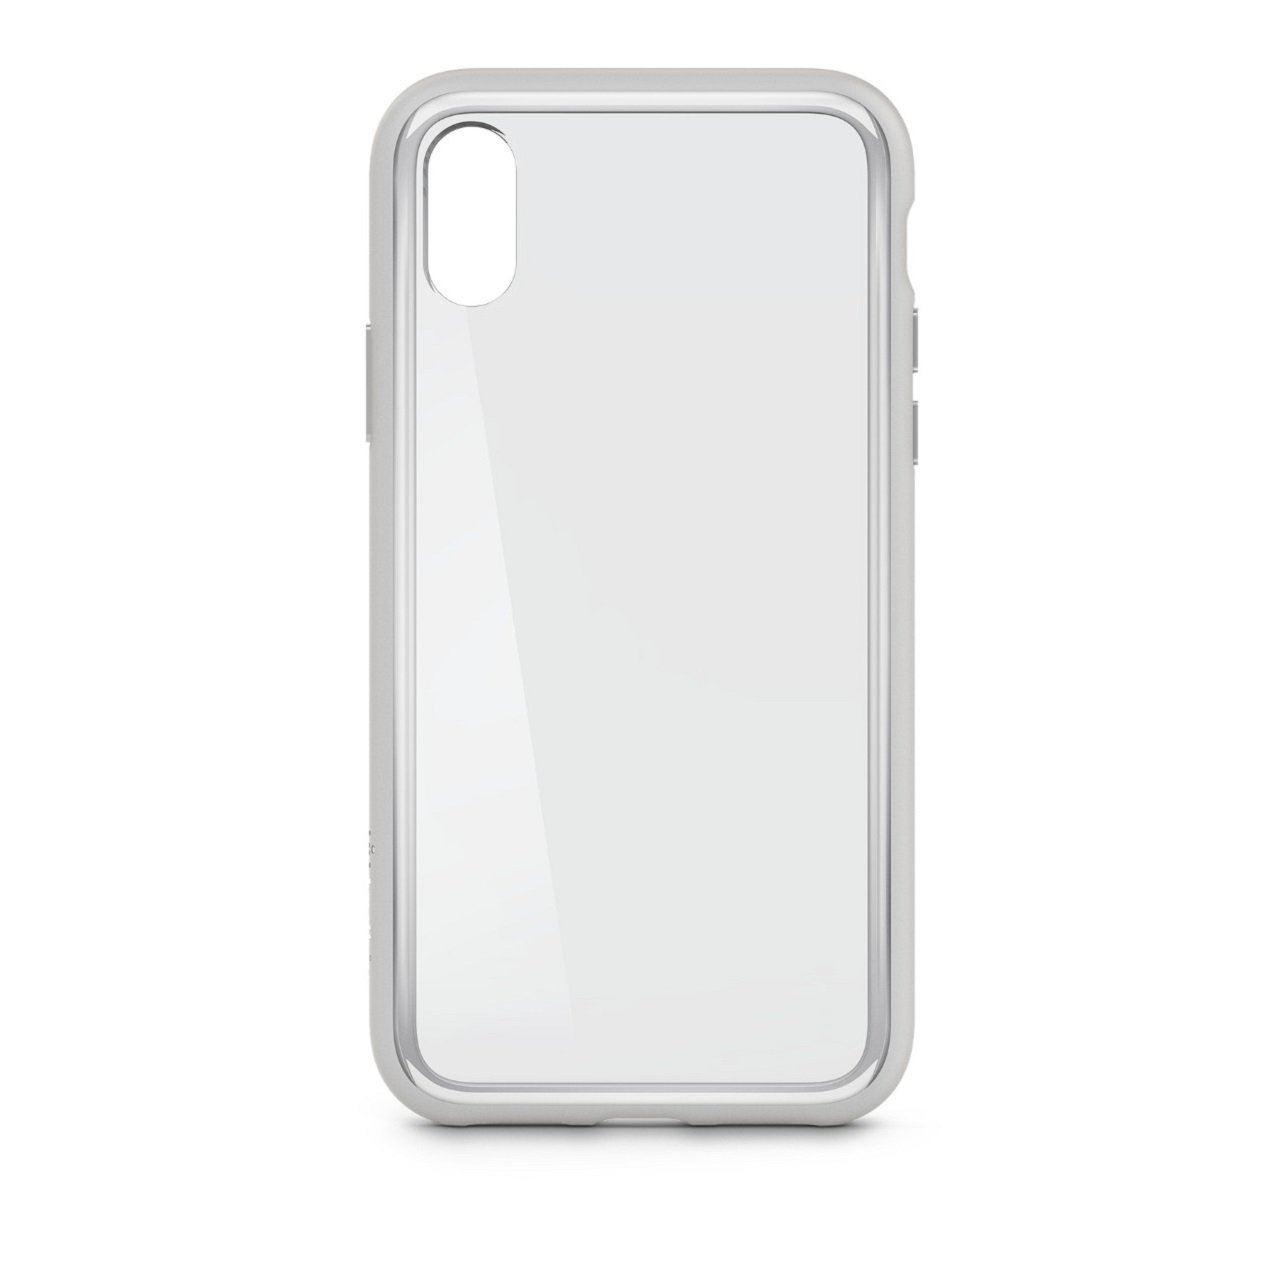 Indexbild 23 - Belkin sheerforce Elite Drop schützende resistente transparente Schutzhülle für iPhone x